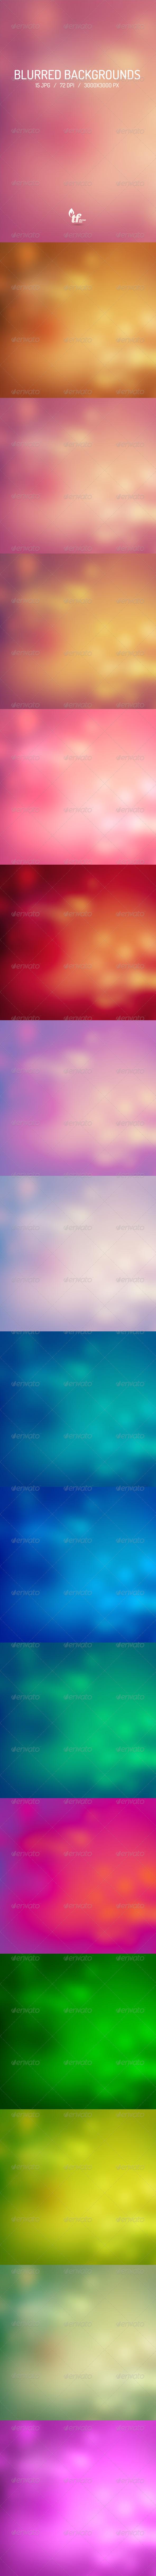 GraphicRiver Blur 6652247